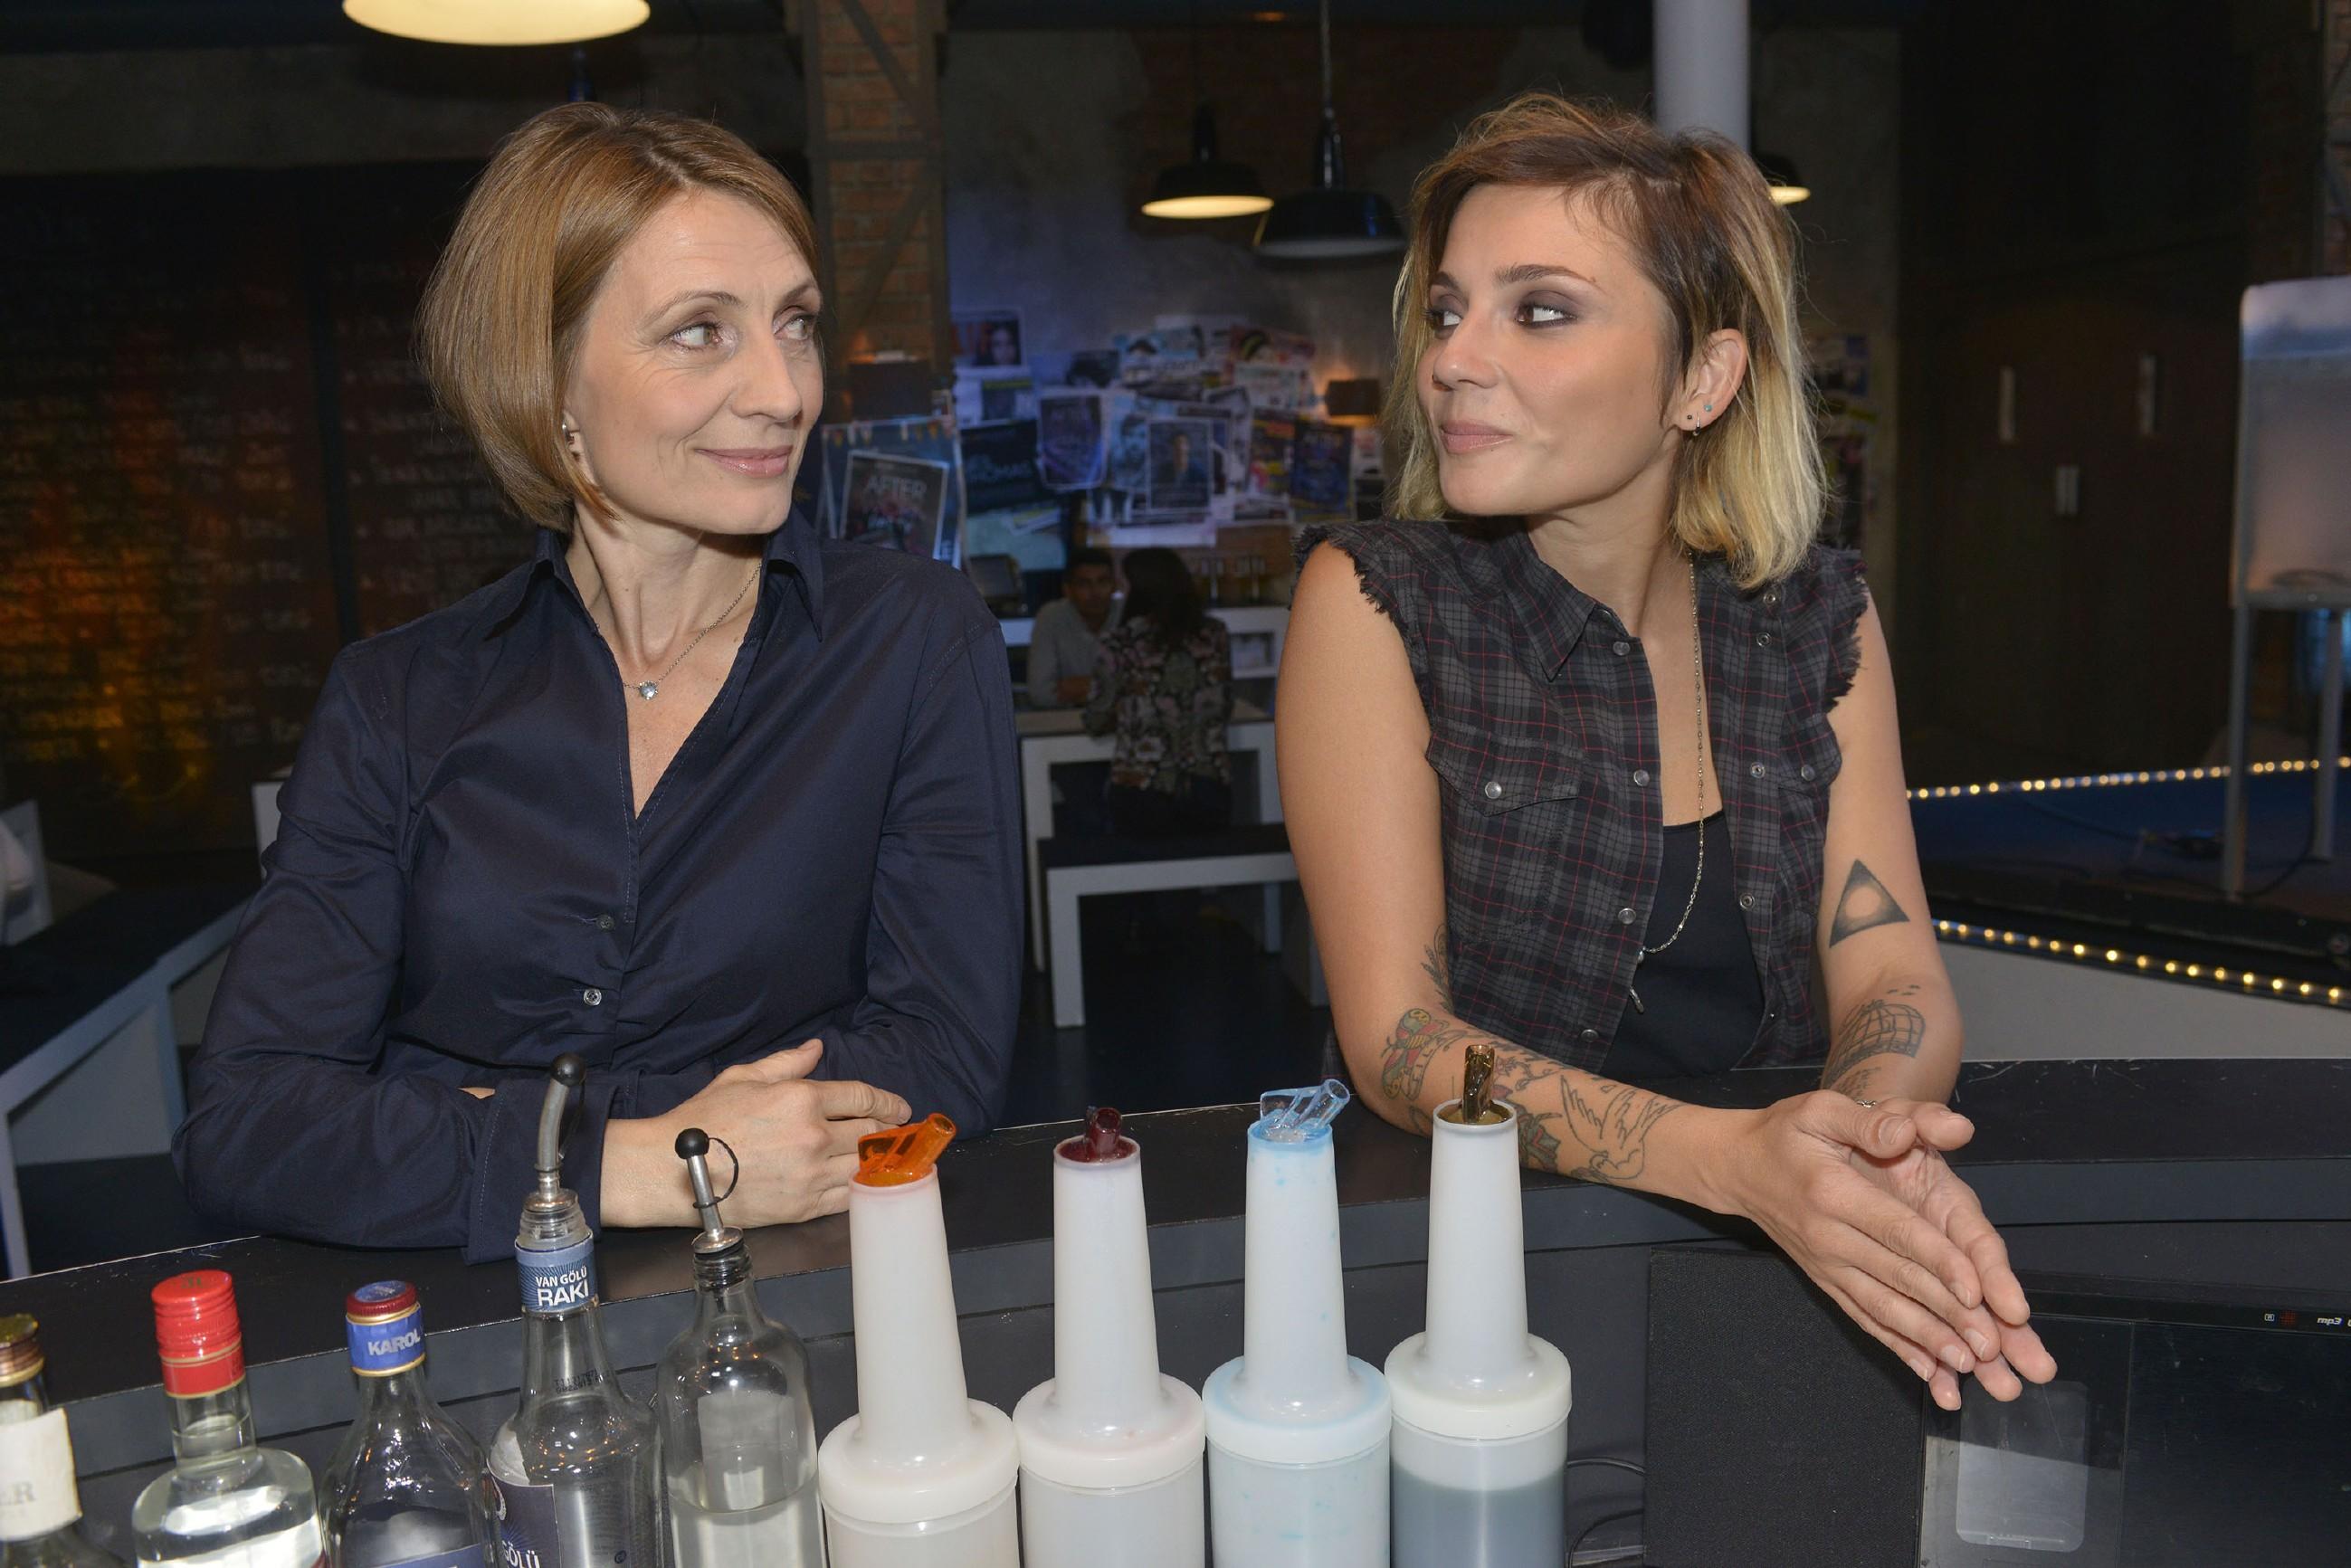 """Aktuell das wohl einzige Frauenpaar in einer deutschen Serie: Anni (Linda Marlen Runge, r.) und Rosa (Joana Schümer) in der RTL-Soap """"Gute Zeiten, schlechte Zeiten"""" (Bild: RTL / Rolf Baumgartner)"""